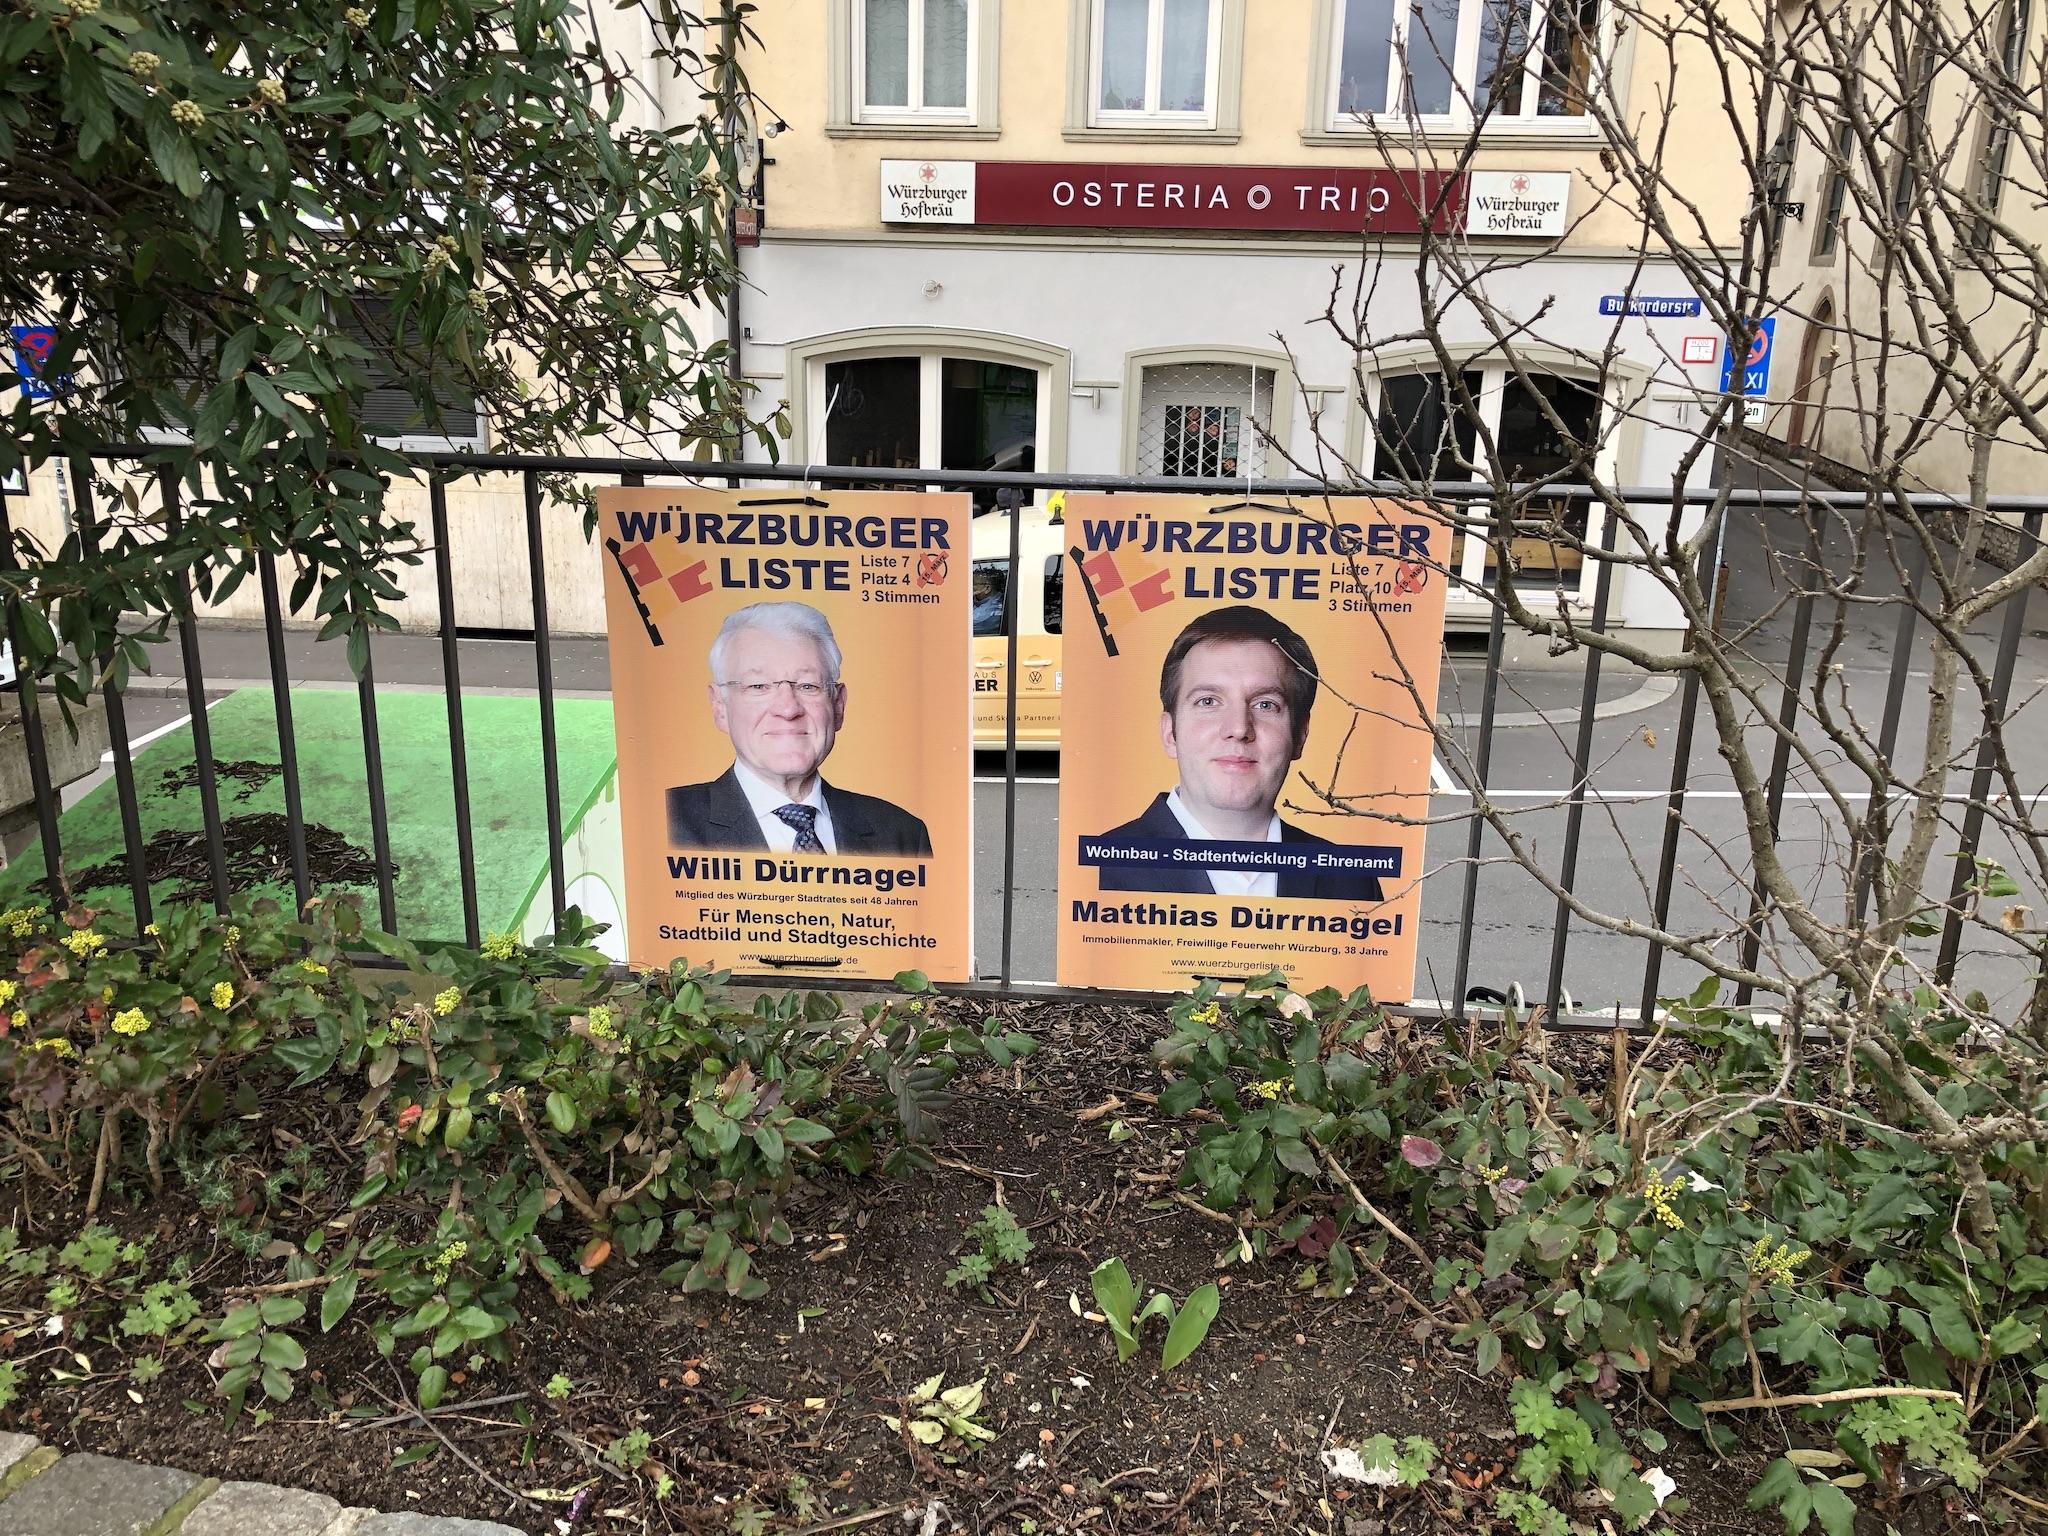 Willi und Matthias Dürrnagel kandidieren für die Würzburger Liste. Foto: Katharina Kraus